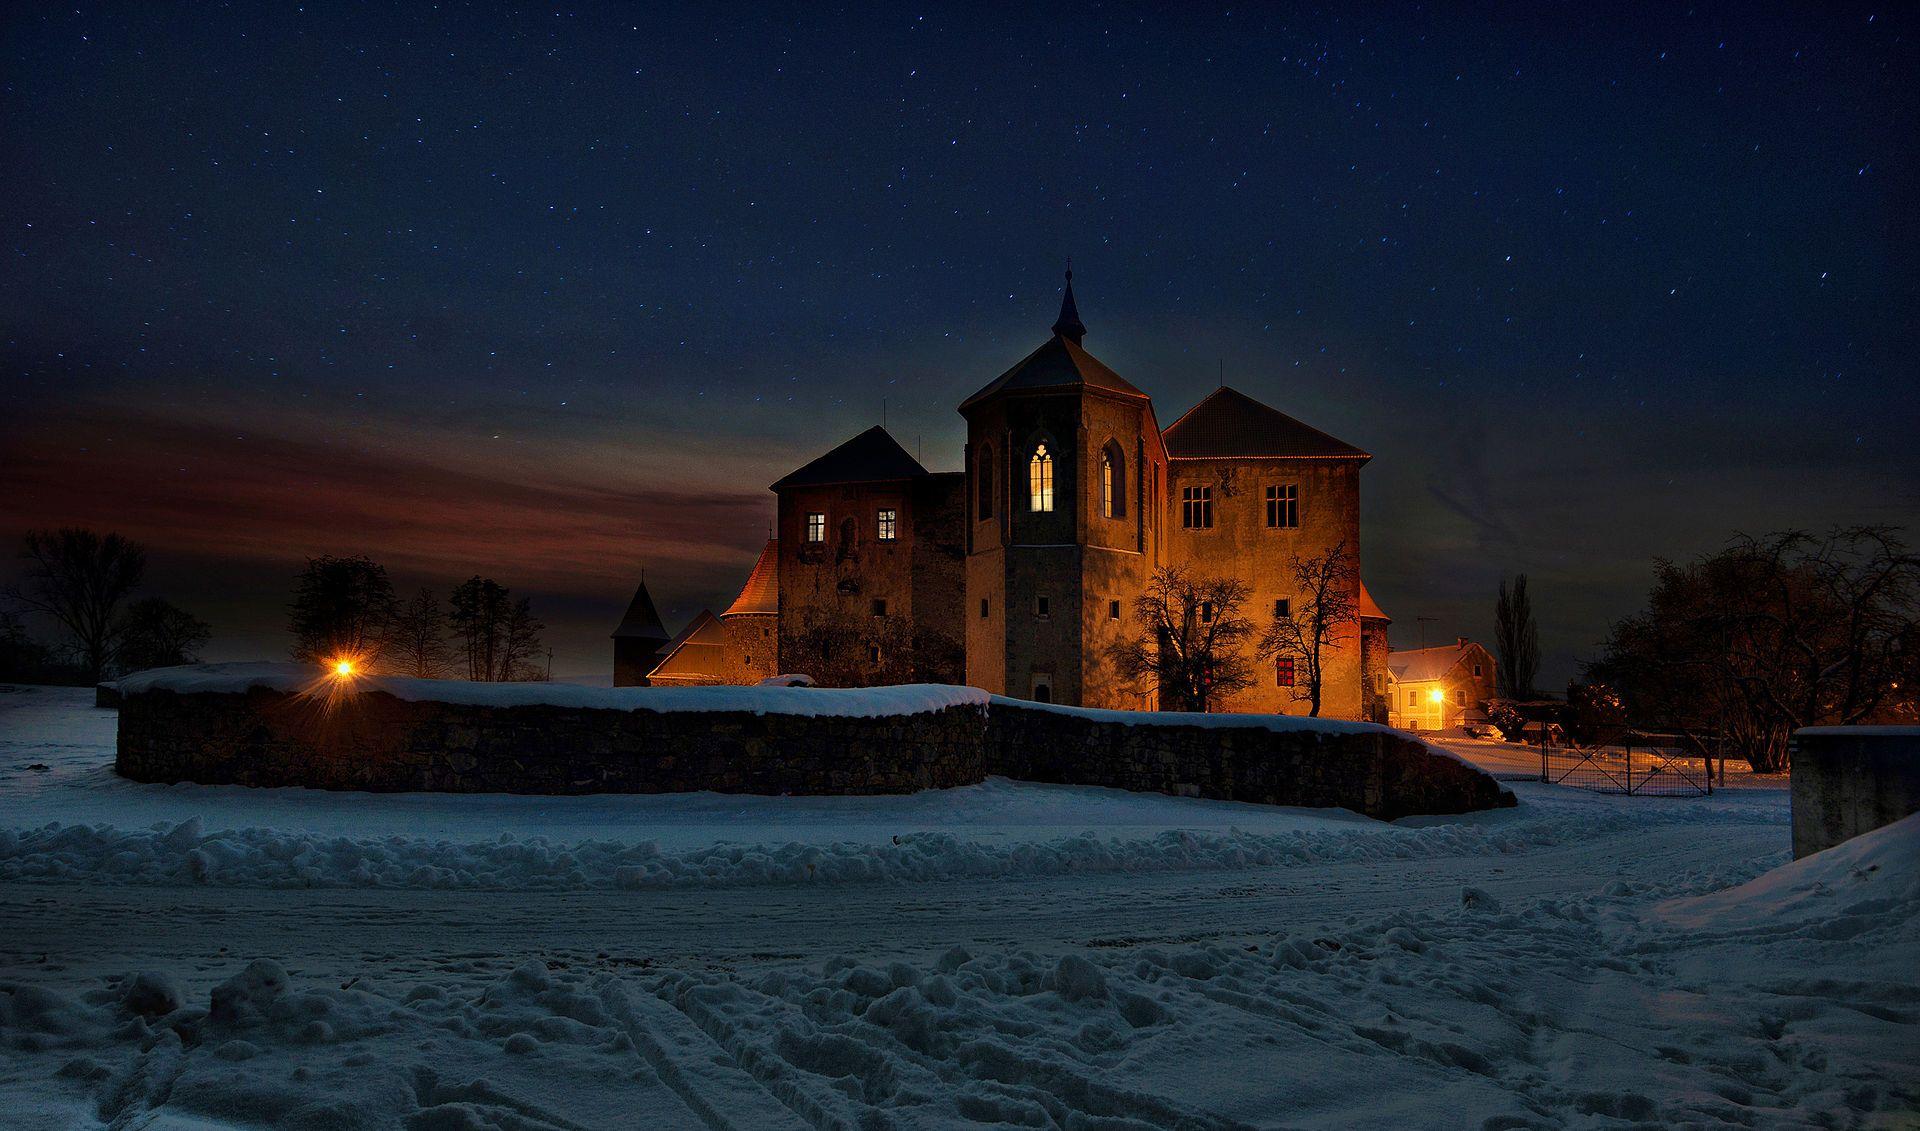 Na hradě je Popelčin bál - Švihov (hrad) – Wikipedie